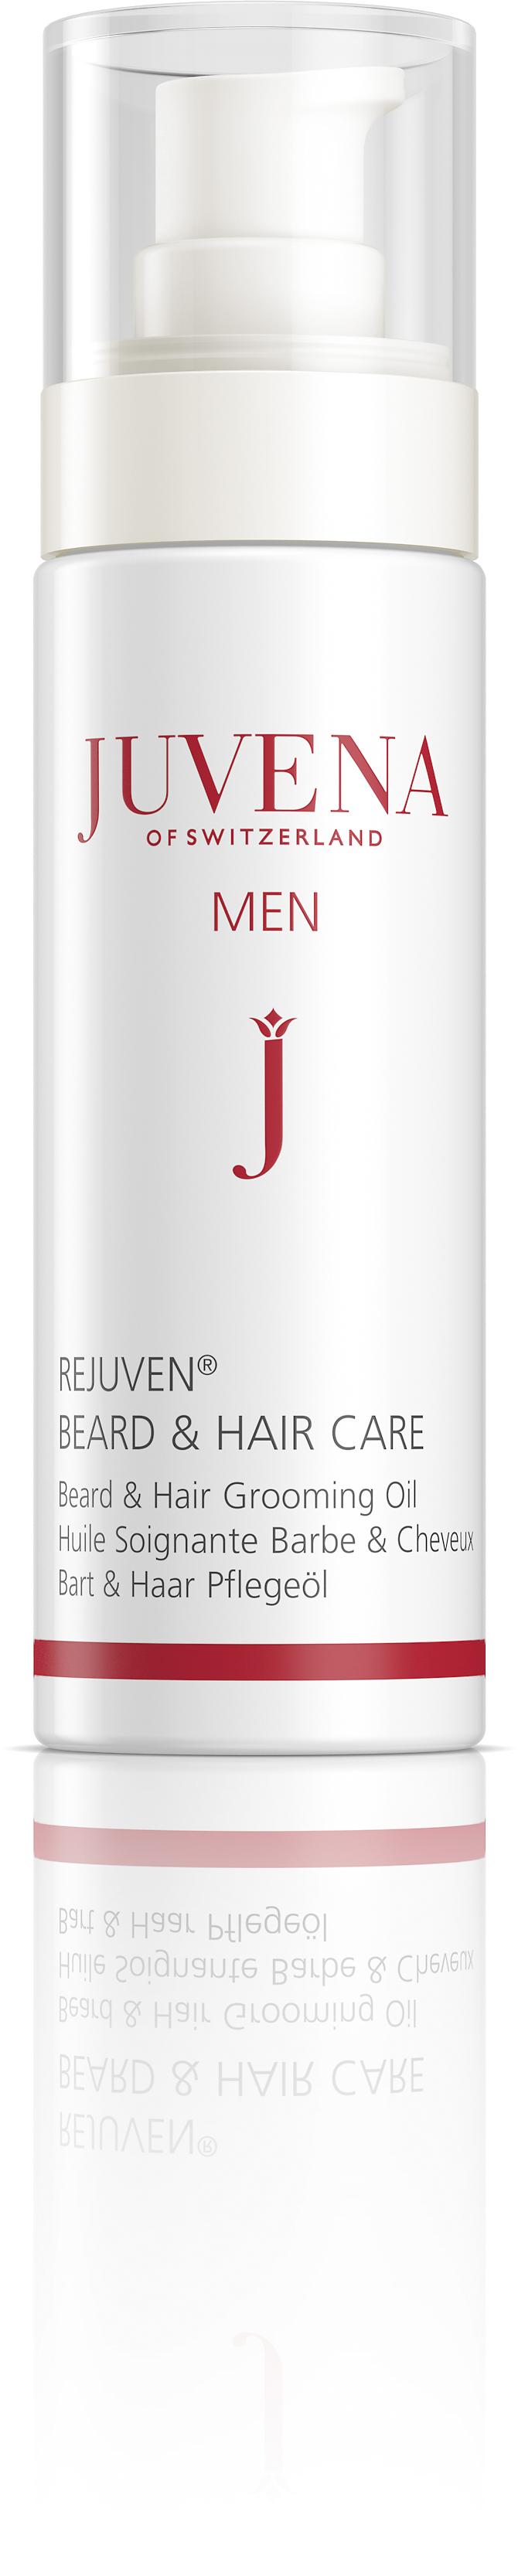 Juvena Rejuven Men Beard&Hair Grooming Oil 50 ml